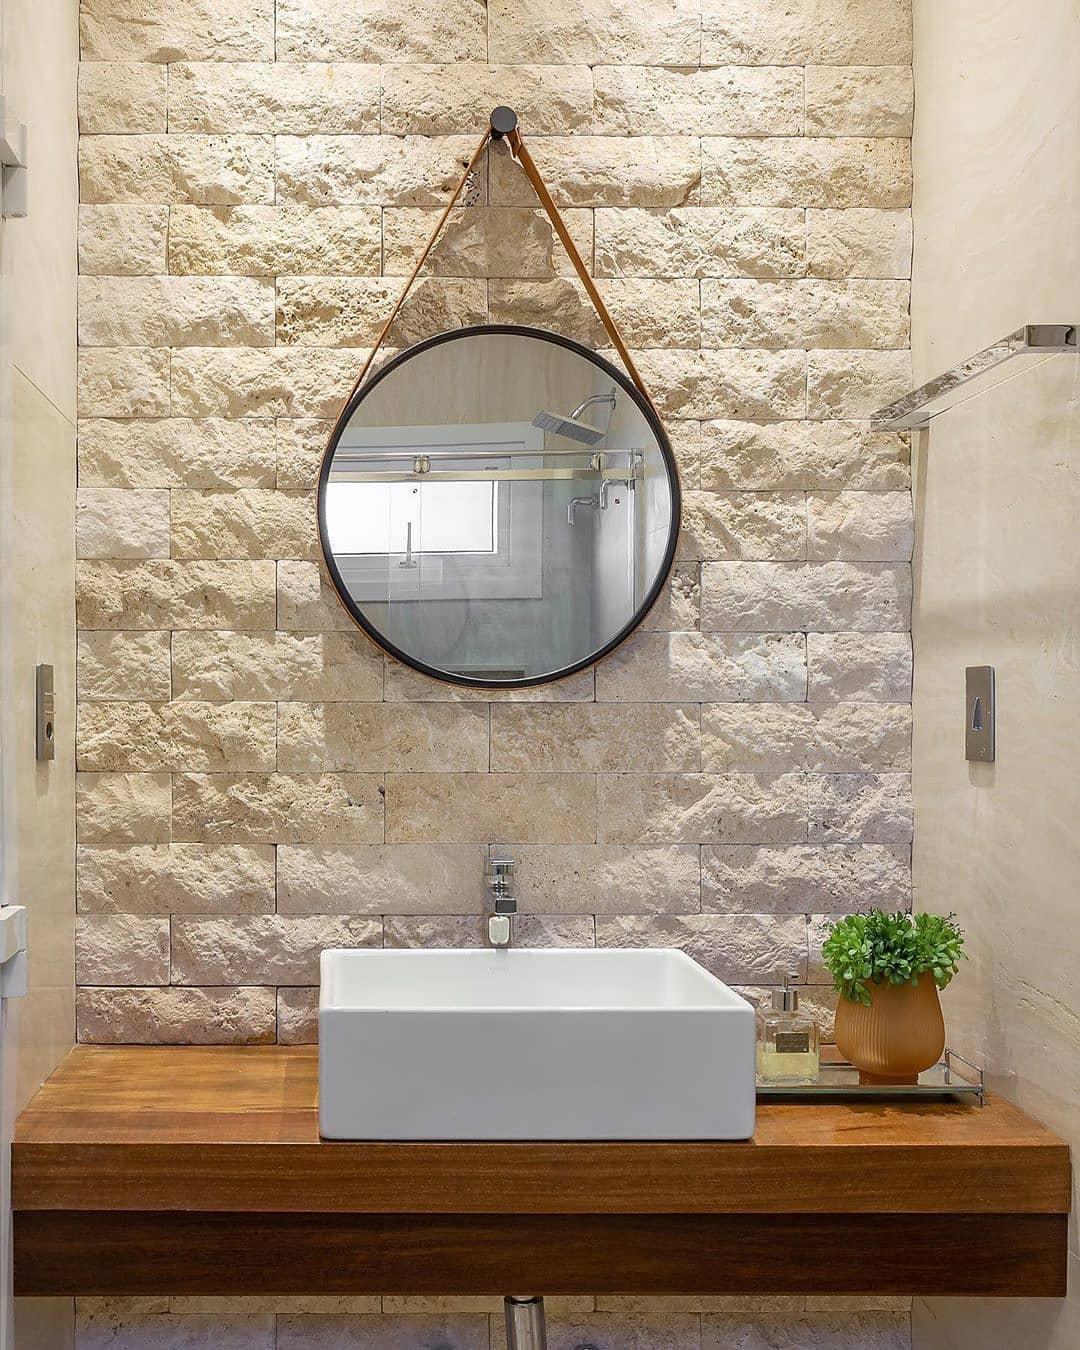 espelho redondo adnet no banheiro com revestimento de pedra